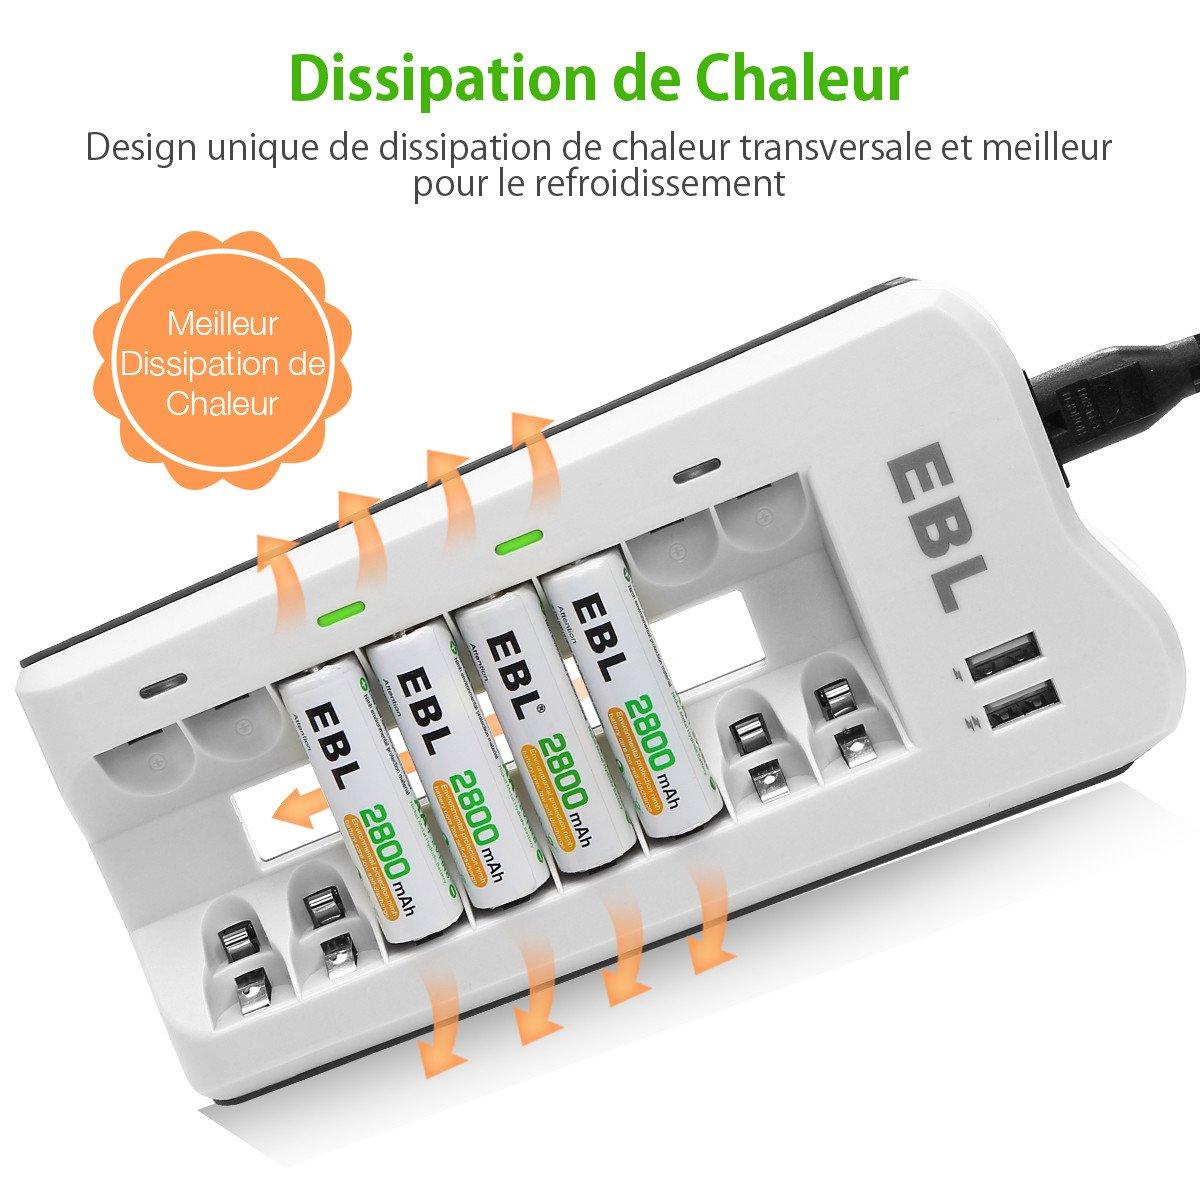 EBL 8pcs Piles AA 2800mAh + Chargeur de Piles 8 Slots avec 2 USB Ports pour Accus AA/AAA/Ni-CD/Ni-MH et Smartphone Tablette Rechargeable Rapide